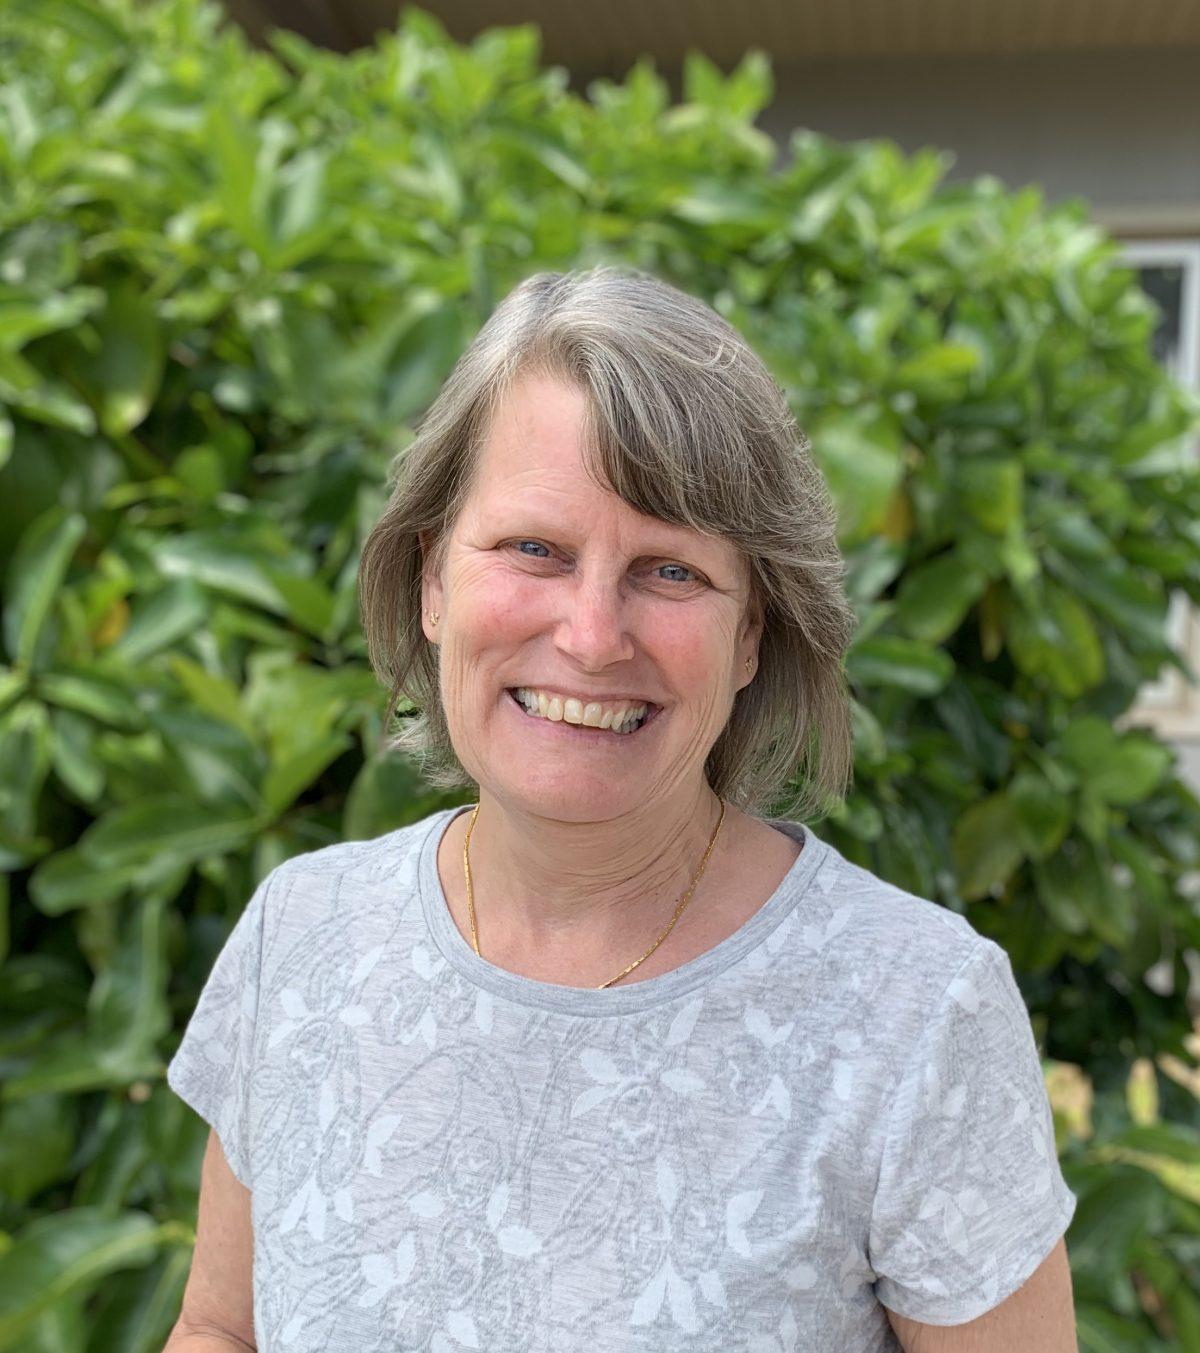 Leslie Dorman